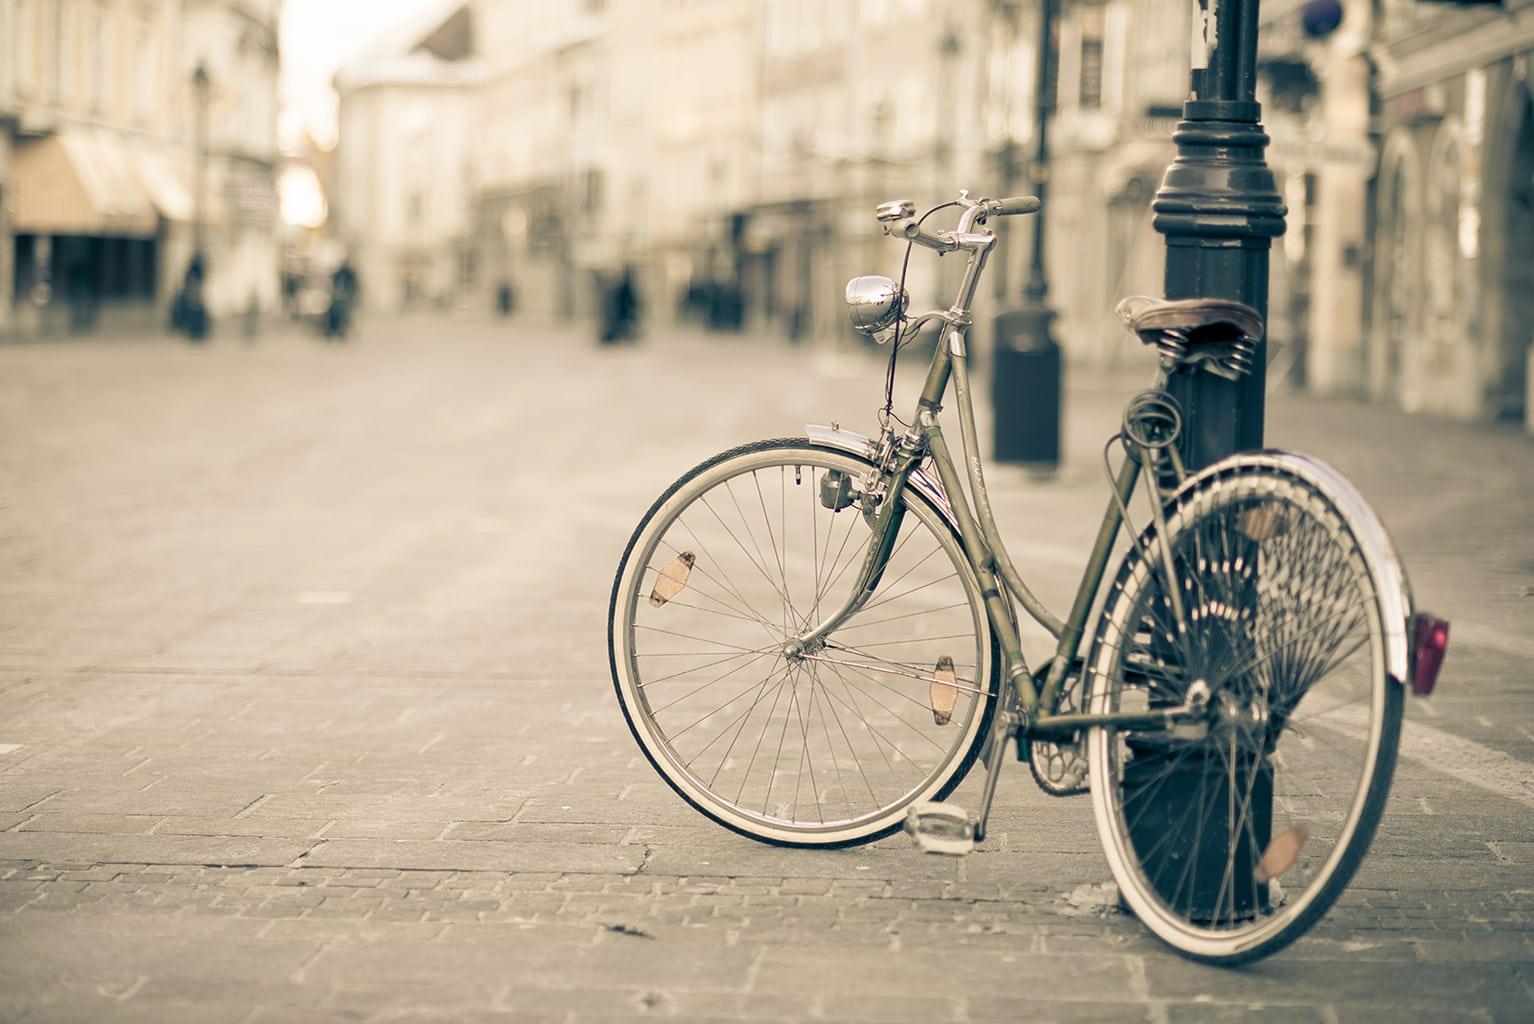 El ausente dueño de la bici